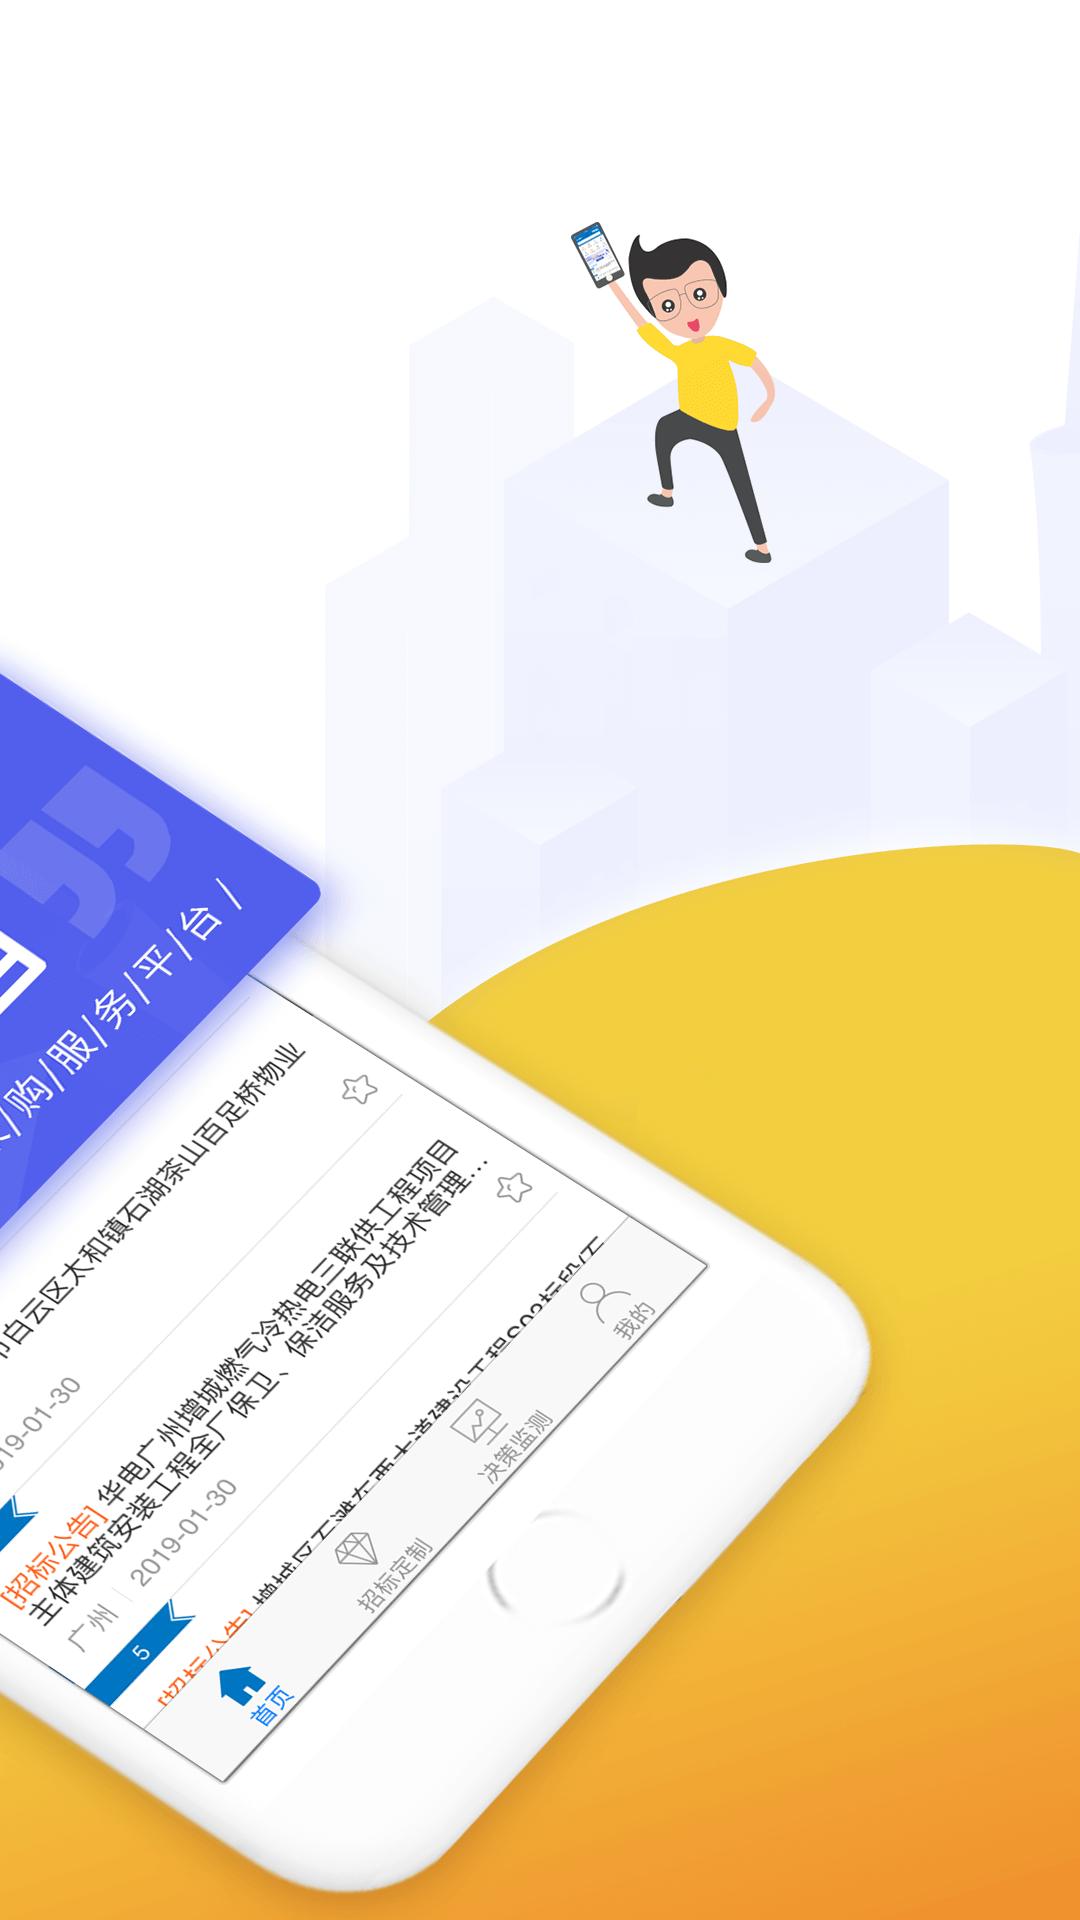 标讯快车-招标网软件截图1